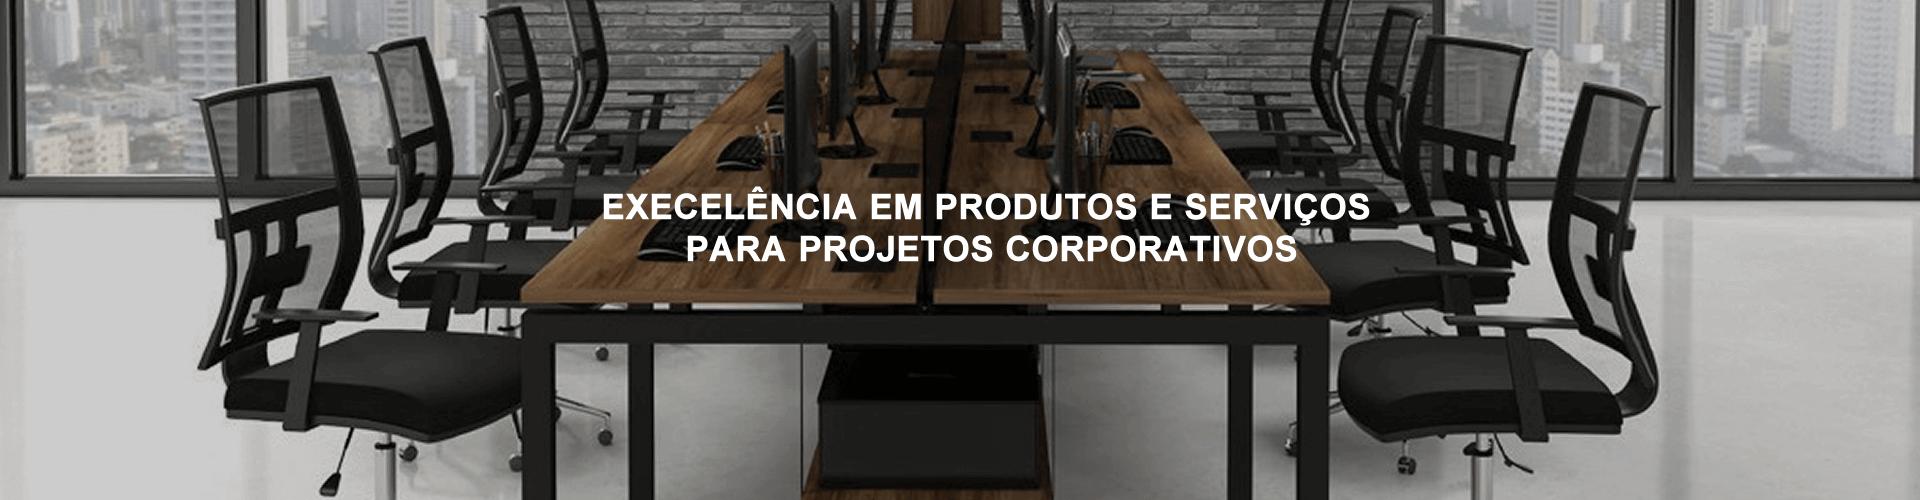 Pisos para Ambientes Empresariais